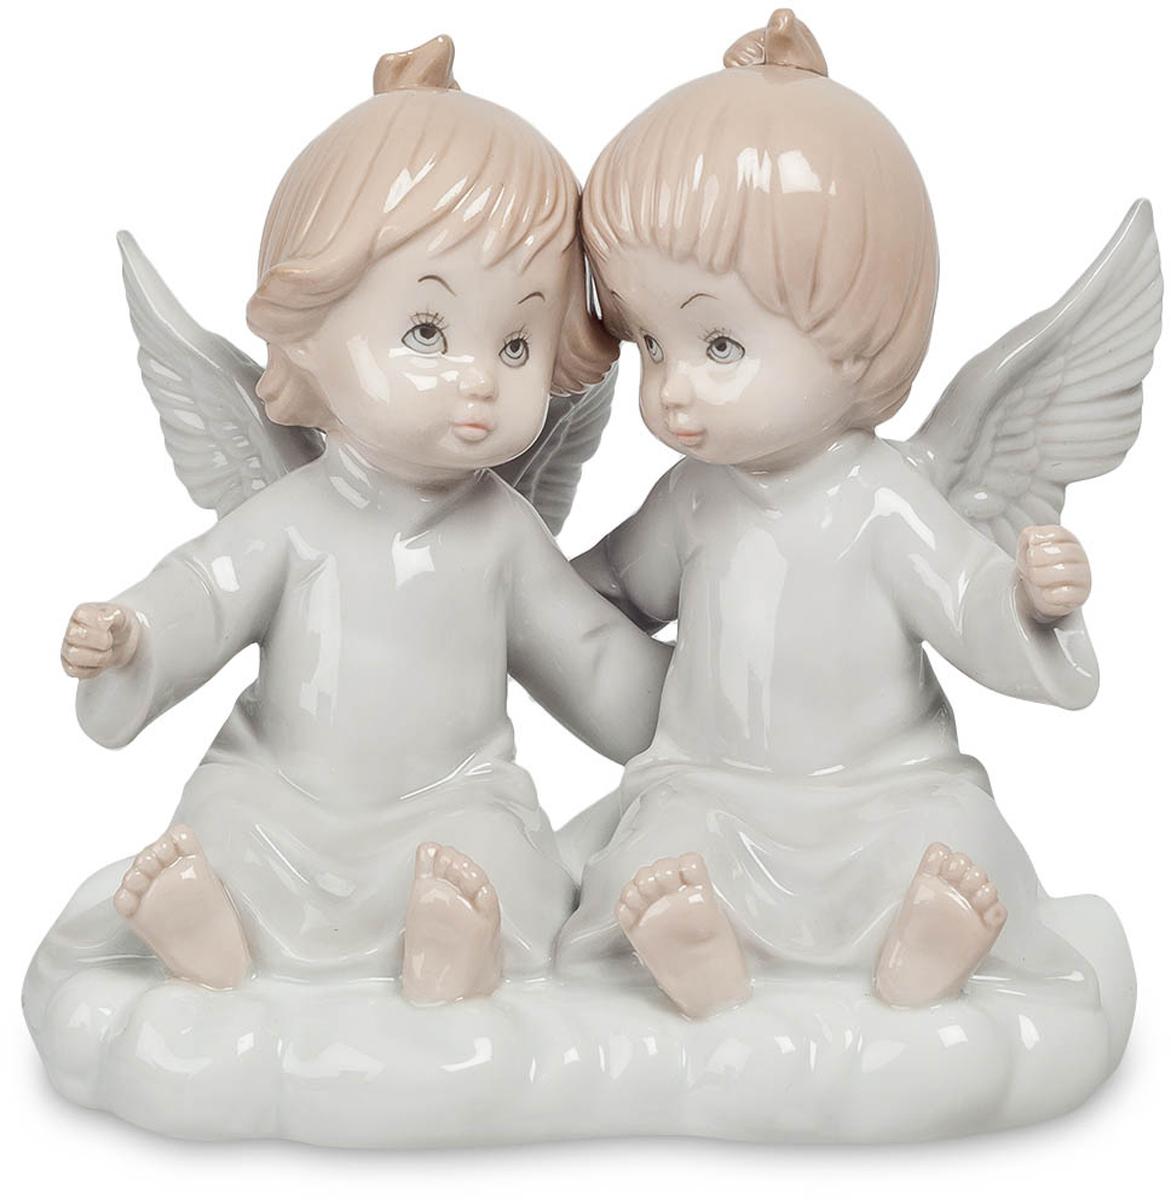 Фигурка Pavone Парочка ангелов. JP-05/12JP-05/12Фигурка Ангелочков высотой 14 см. Нет никого ближе друг другу, чем близнецы. Их связь настолько сильна, что её не в силах разорвать ни расстояние, ни время, ничто. На протяжении всех времён близость друг другу близнецов была уникальна и неповторима. Они всегда были, есть и будут знаменем силы, верности. Связь между ними так прочна, что её невозможно разорвать. Фигурка Парочка ангелов станет великолепным и милым подарком для близняшек и их ангелами-хранителями. Фигурка с двумя ангелочками не только красиво выглядит, но и всегда защитит ваших чад от бед и разочарований. Согласитесь, это немаловажно. Тёплые тона сделают детскую комнату ещё светлее и помогут статуэтке стать великолепным элементом интерьера.